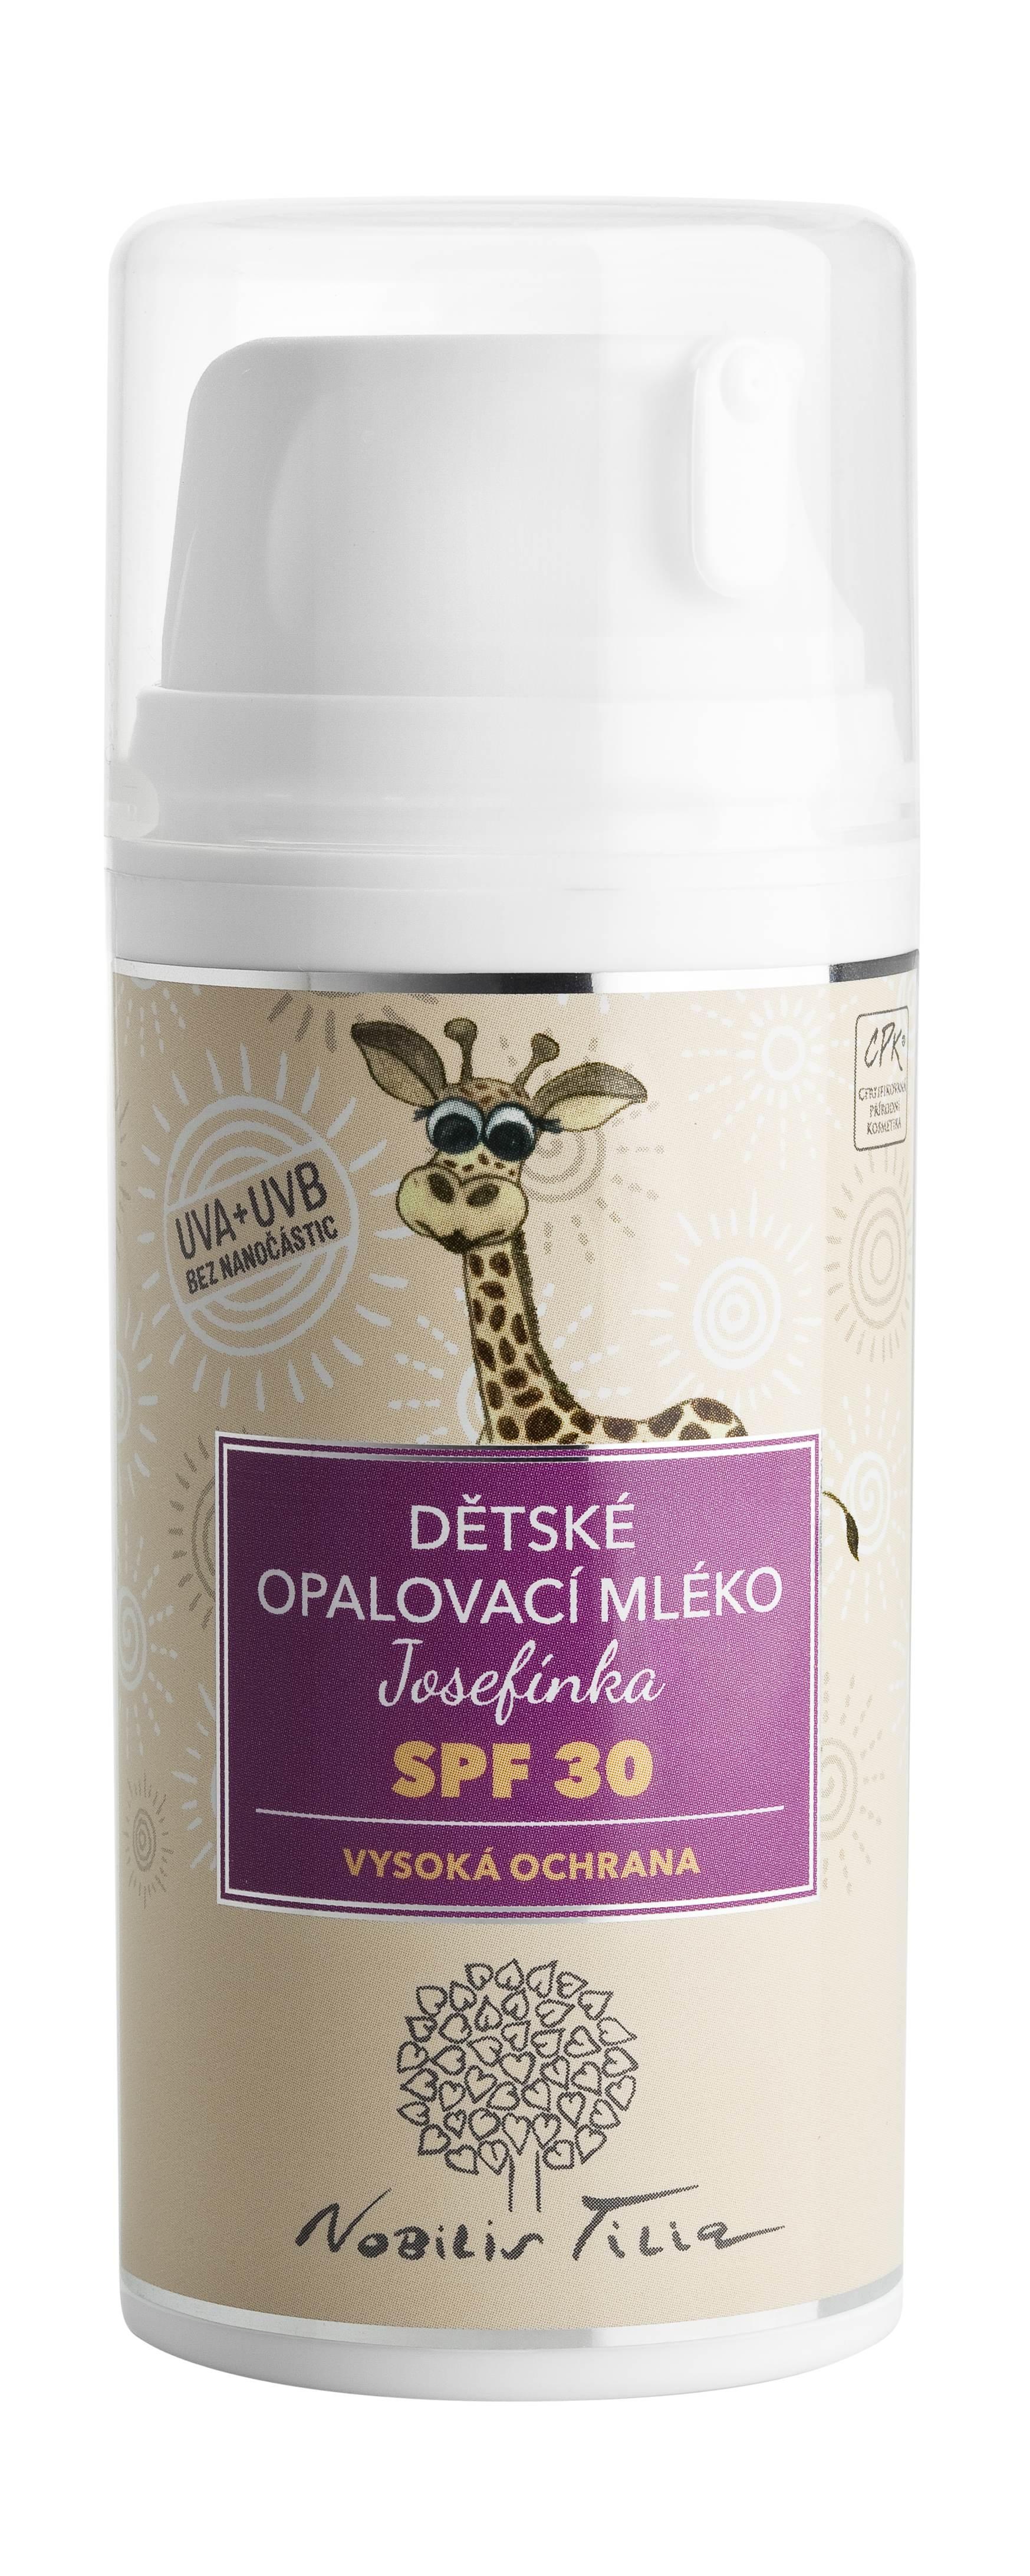 Nobilis Tilia - Dětské opalovací mléko Josefínka SPF 30, 100 ml